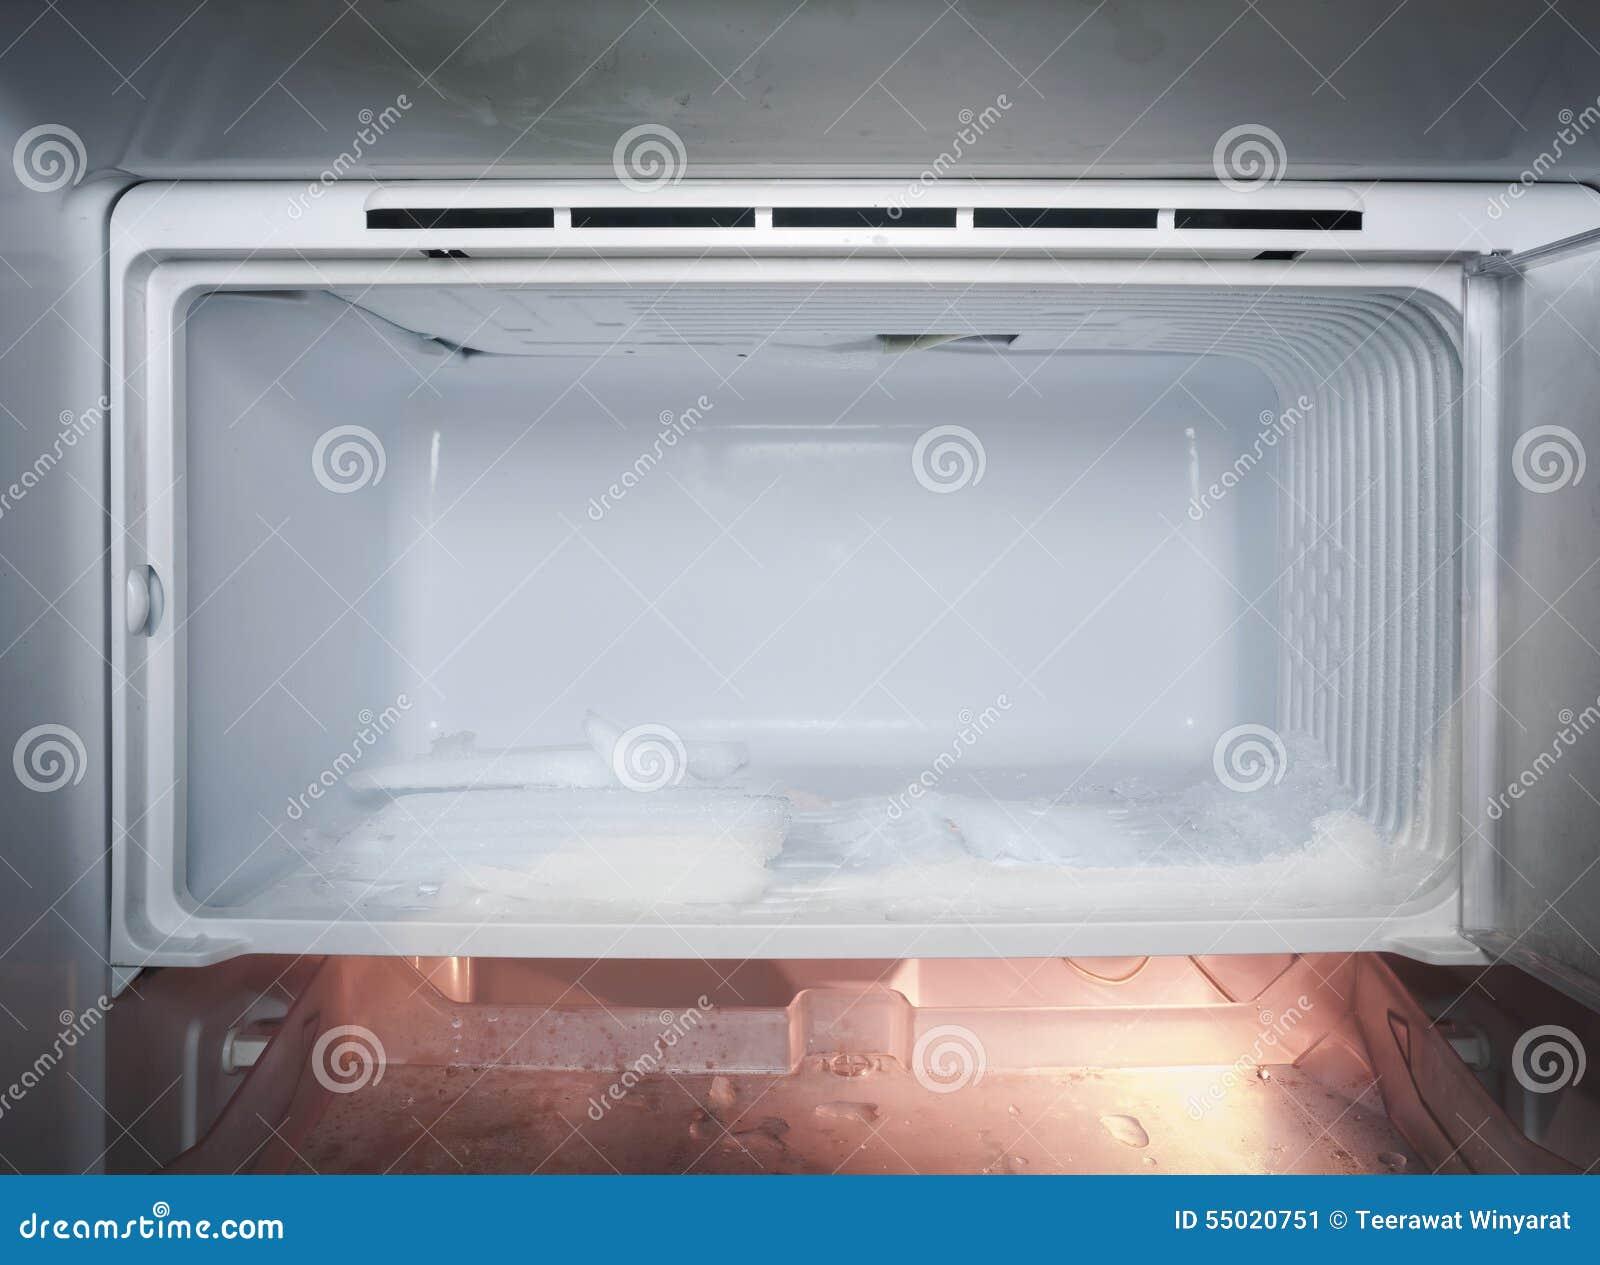 Kühlschrank Mit Dem Eis Eingefroren Im Kühlschrank Stockbild ...